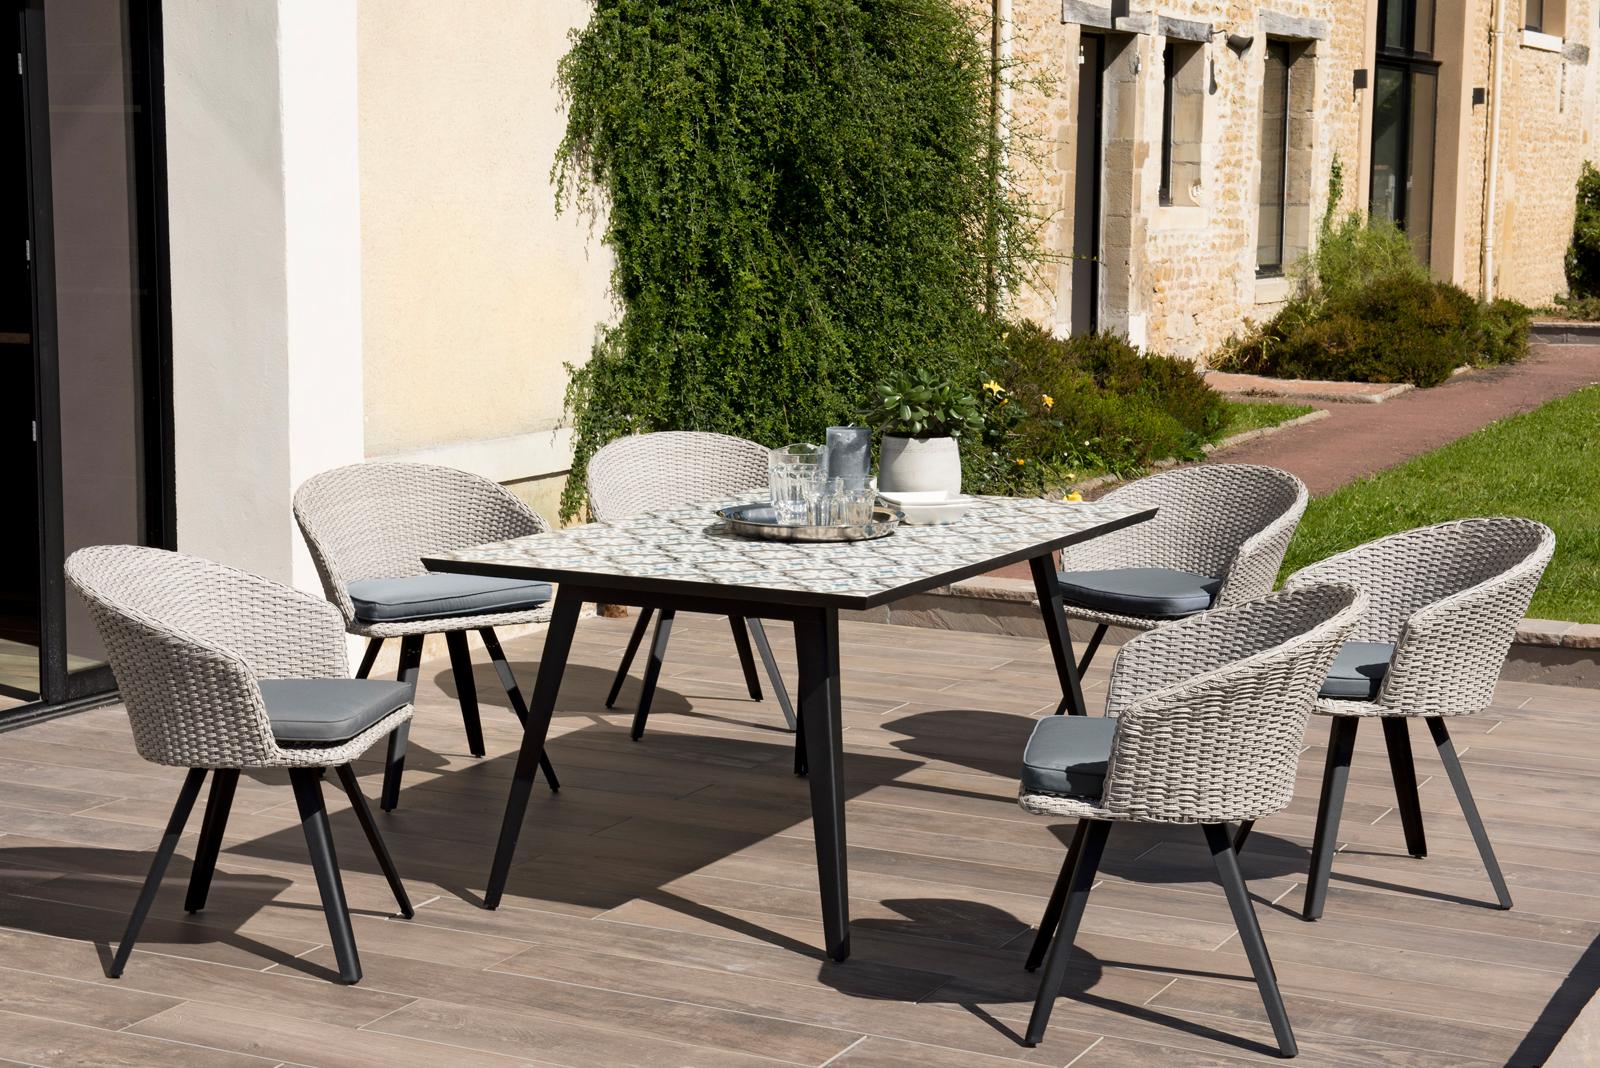 Salon De Jardin Carreau De Ciment salon de jardin summer (1 table de jardin 162x102 carreaux de ciment, 6  fauteuils de jardin)